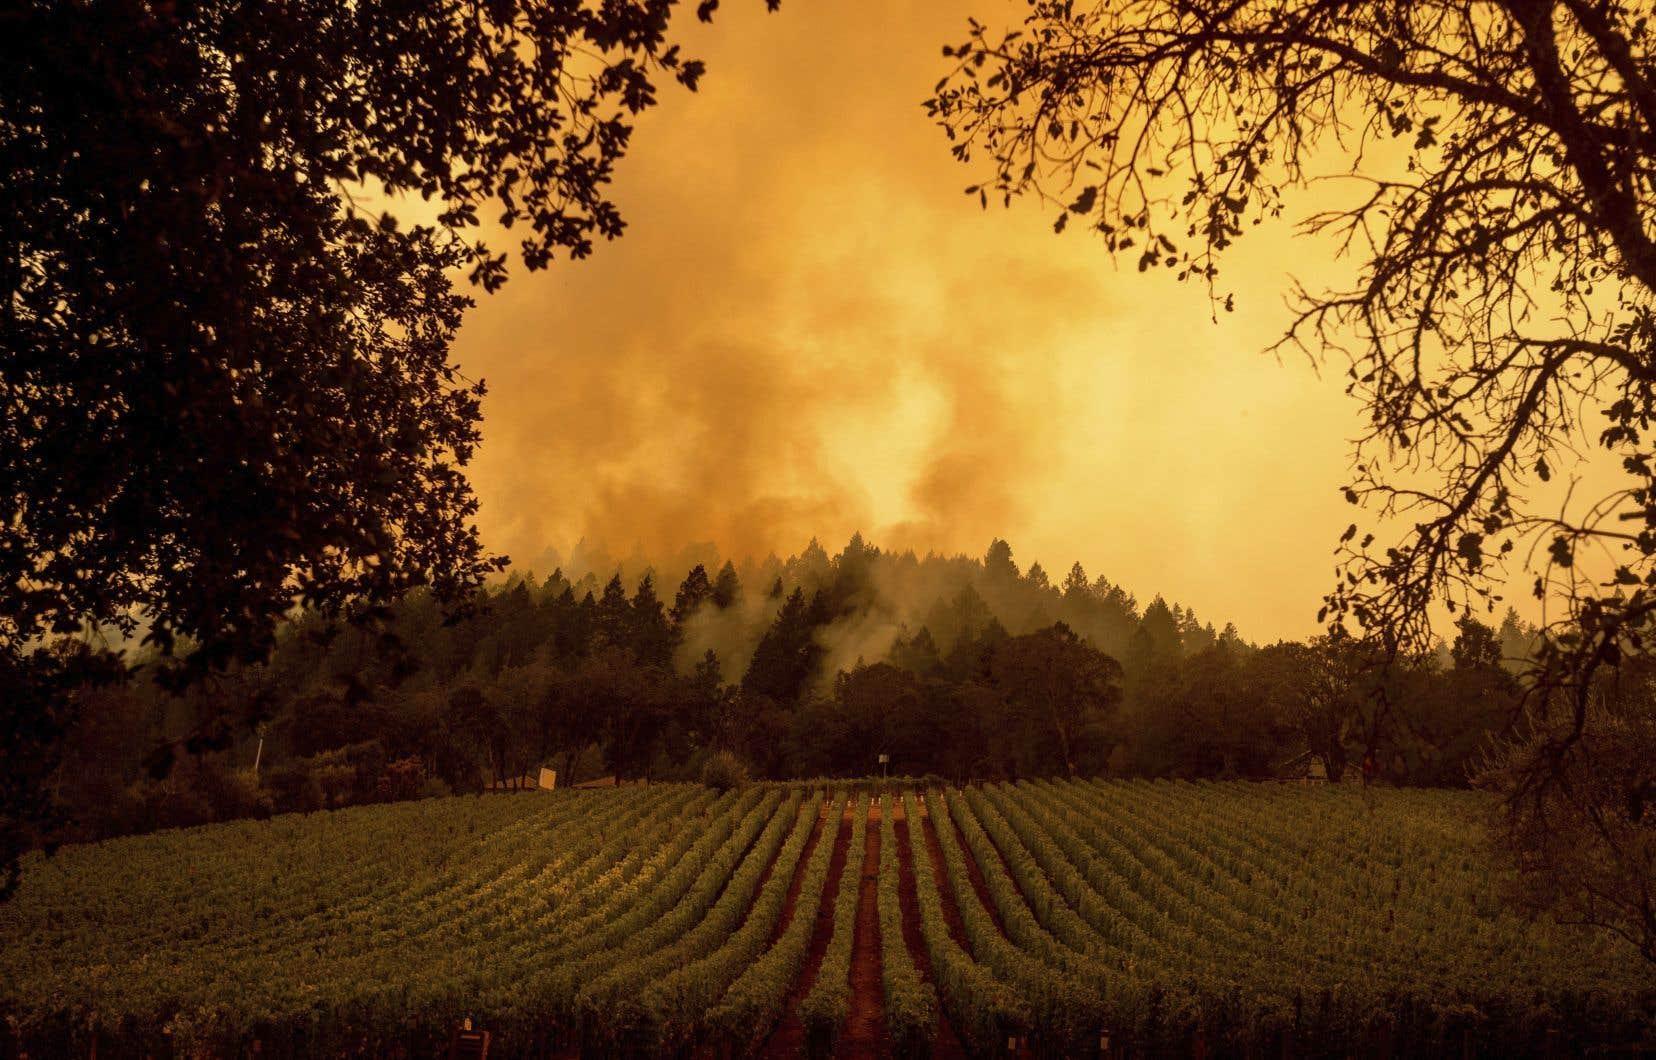 Au moins une dizaine de domaines viticoles ont brûlé en Californie depuis que le «Glass Fire», qui a ravagé plus de 20 000 hectares, s'est déclenché cette semaine dans le nord-ouest de l'État.